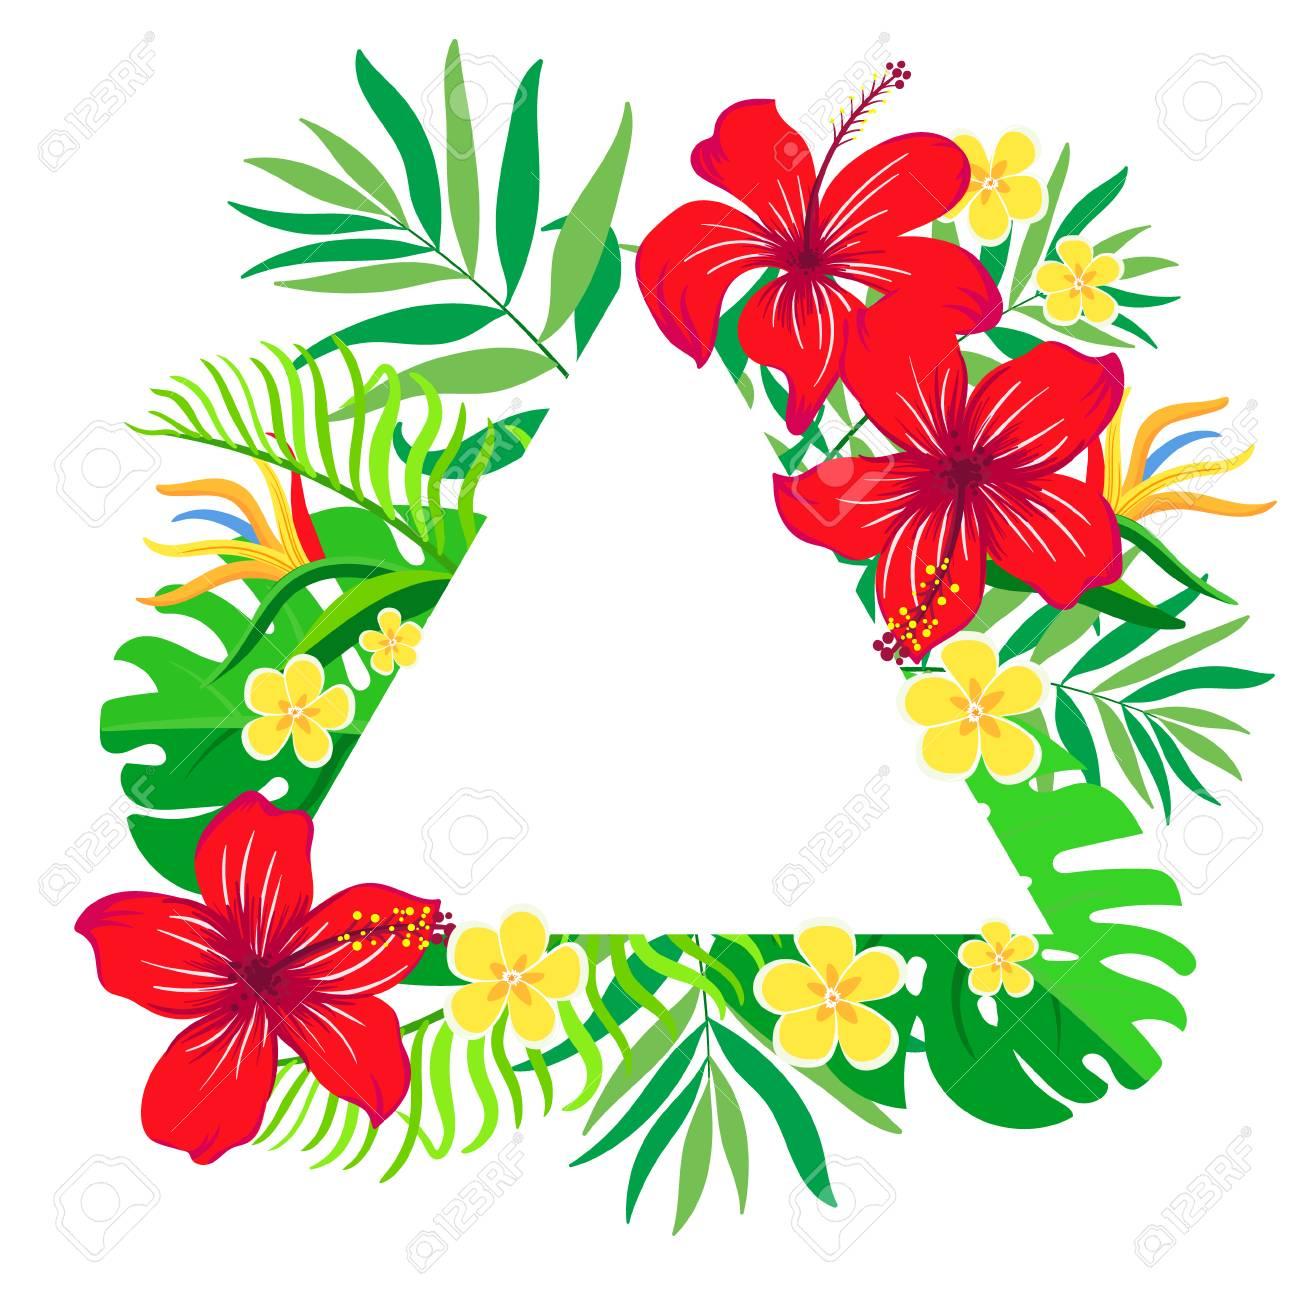 Tarjeta De Vector Floral Con Coloridas Flores Tropicales En El Marco ...